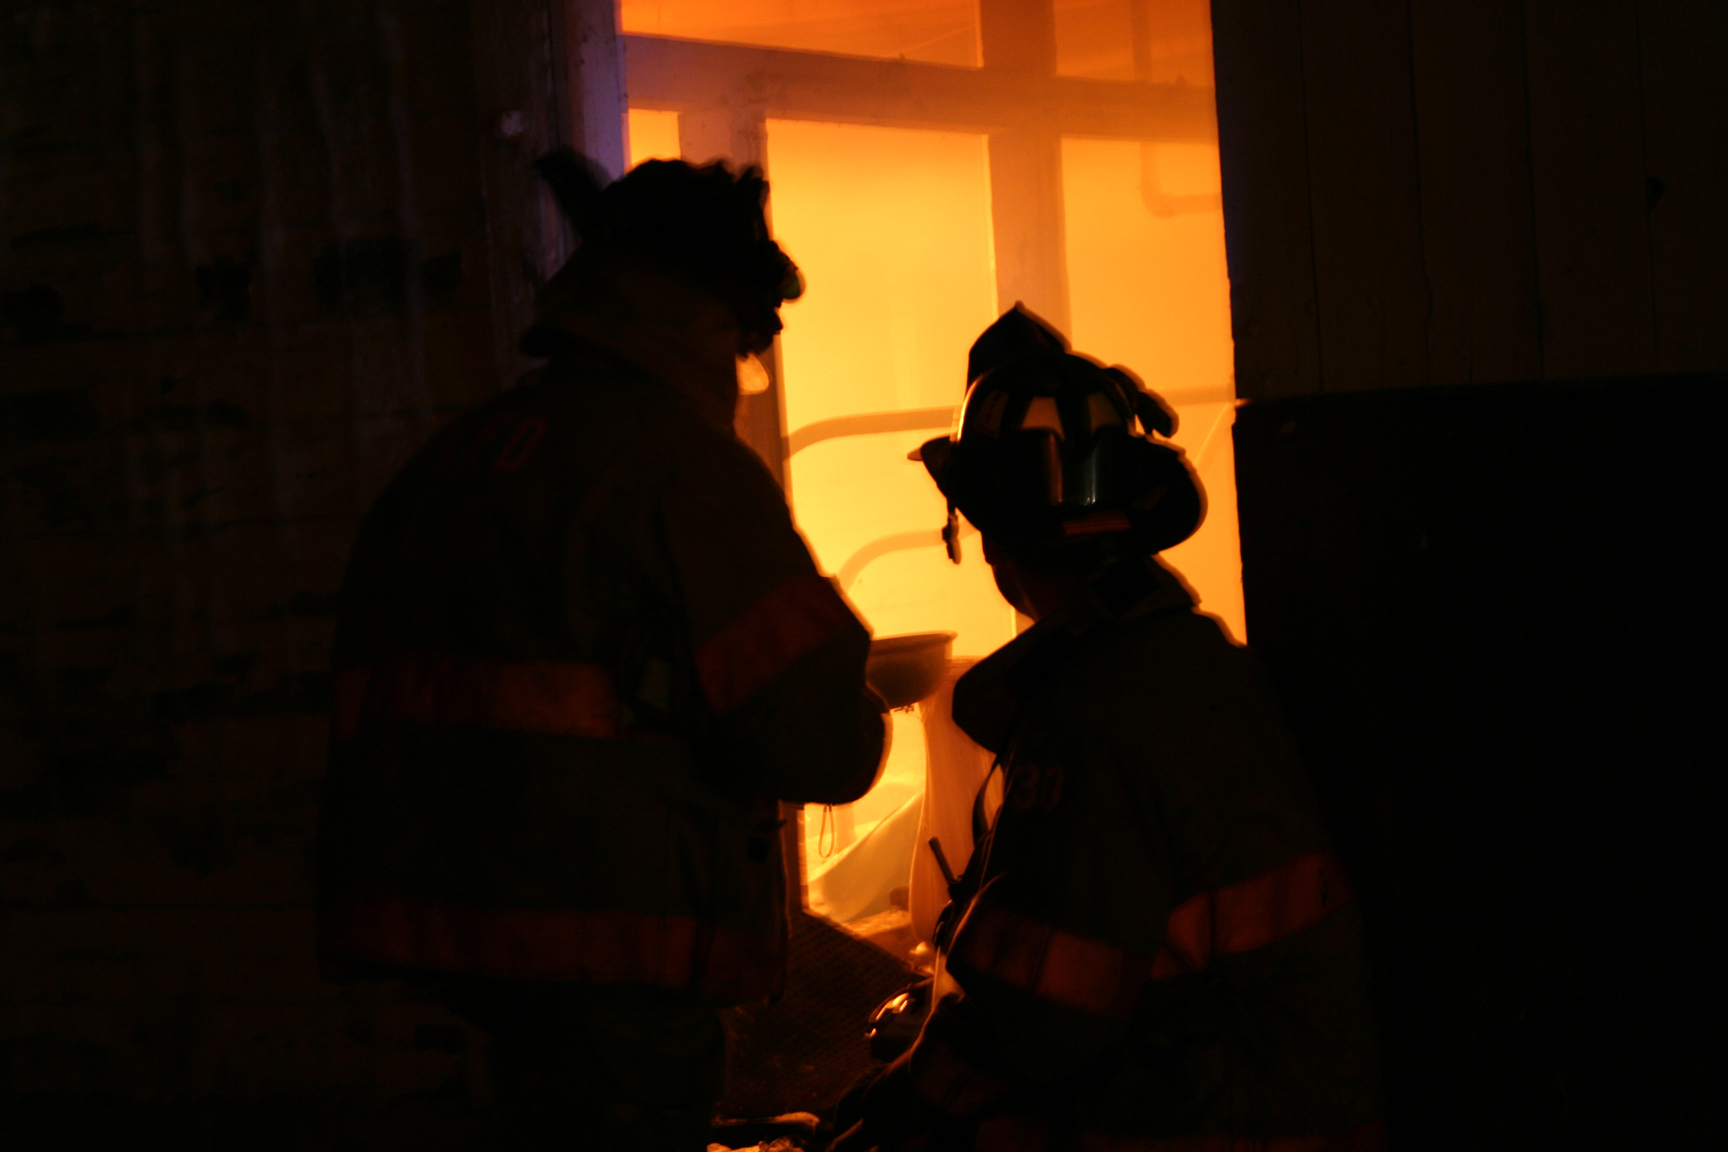 fireman-doorway